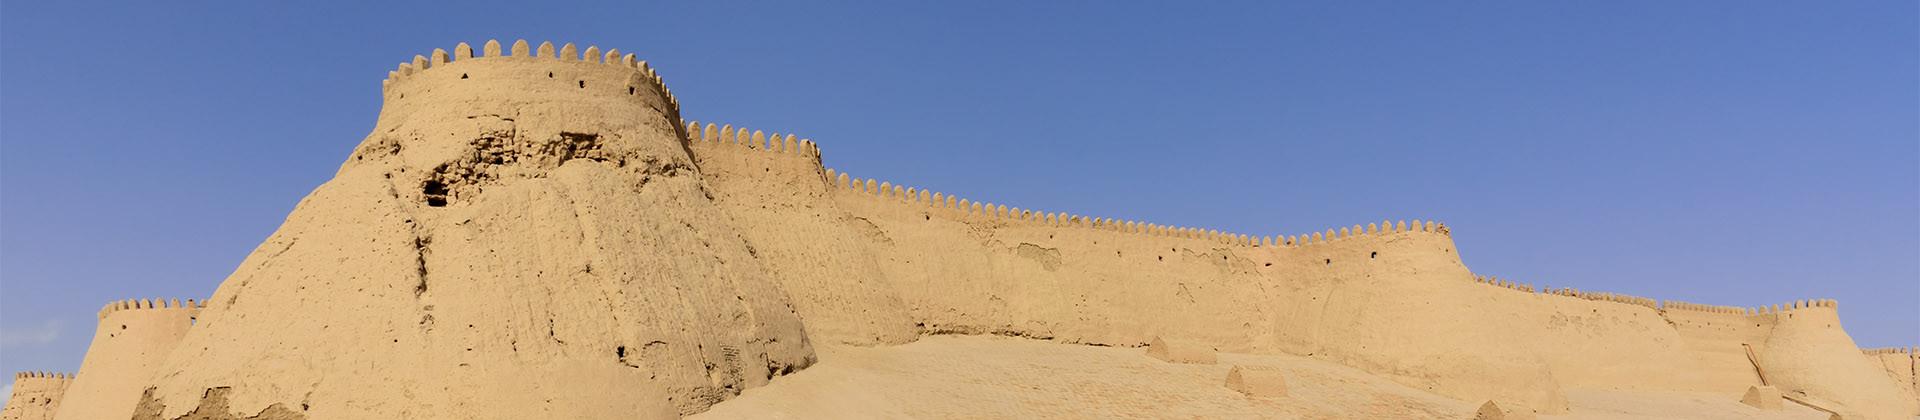 Khiva - a city museum (Premium) - 1